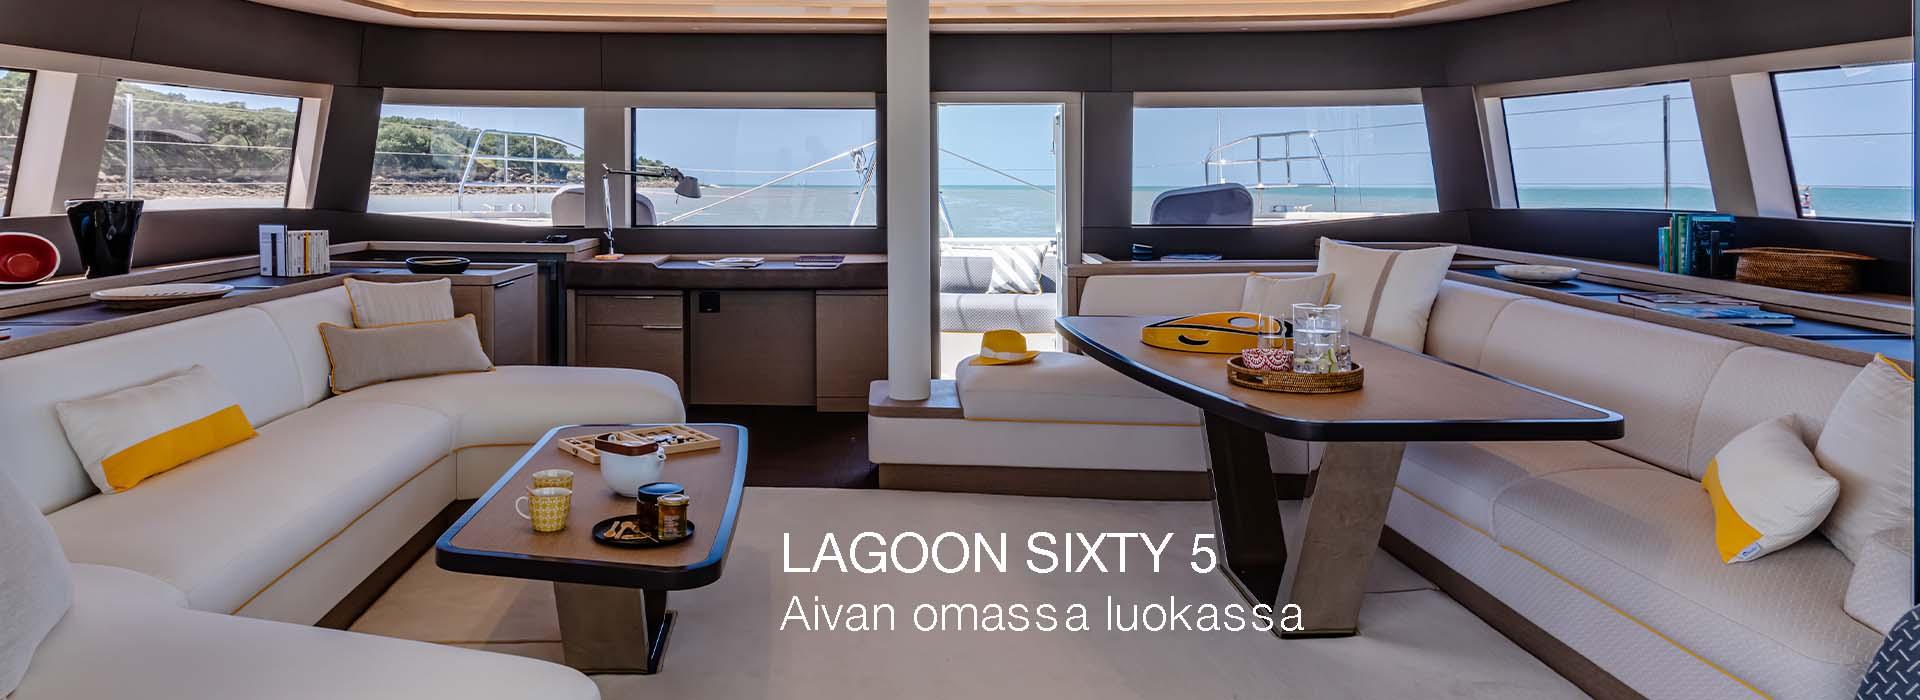 Lagoon sixty5-txt